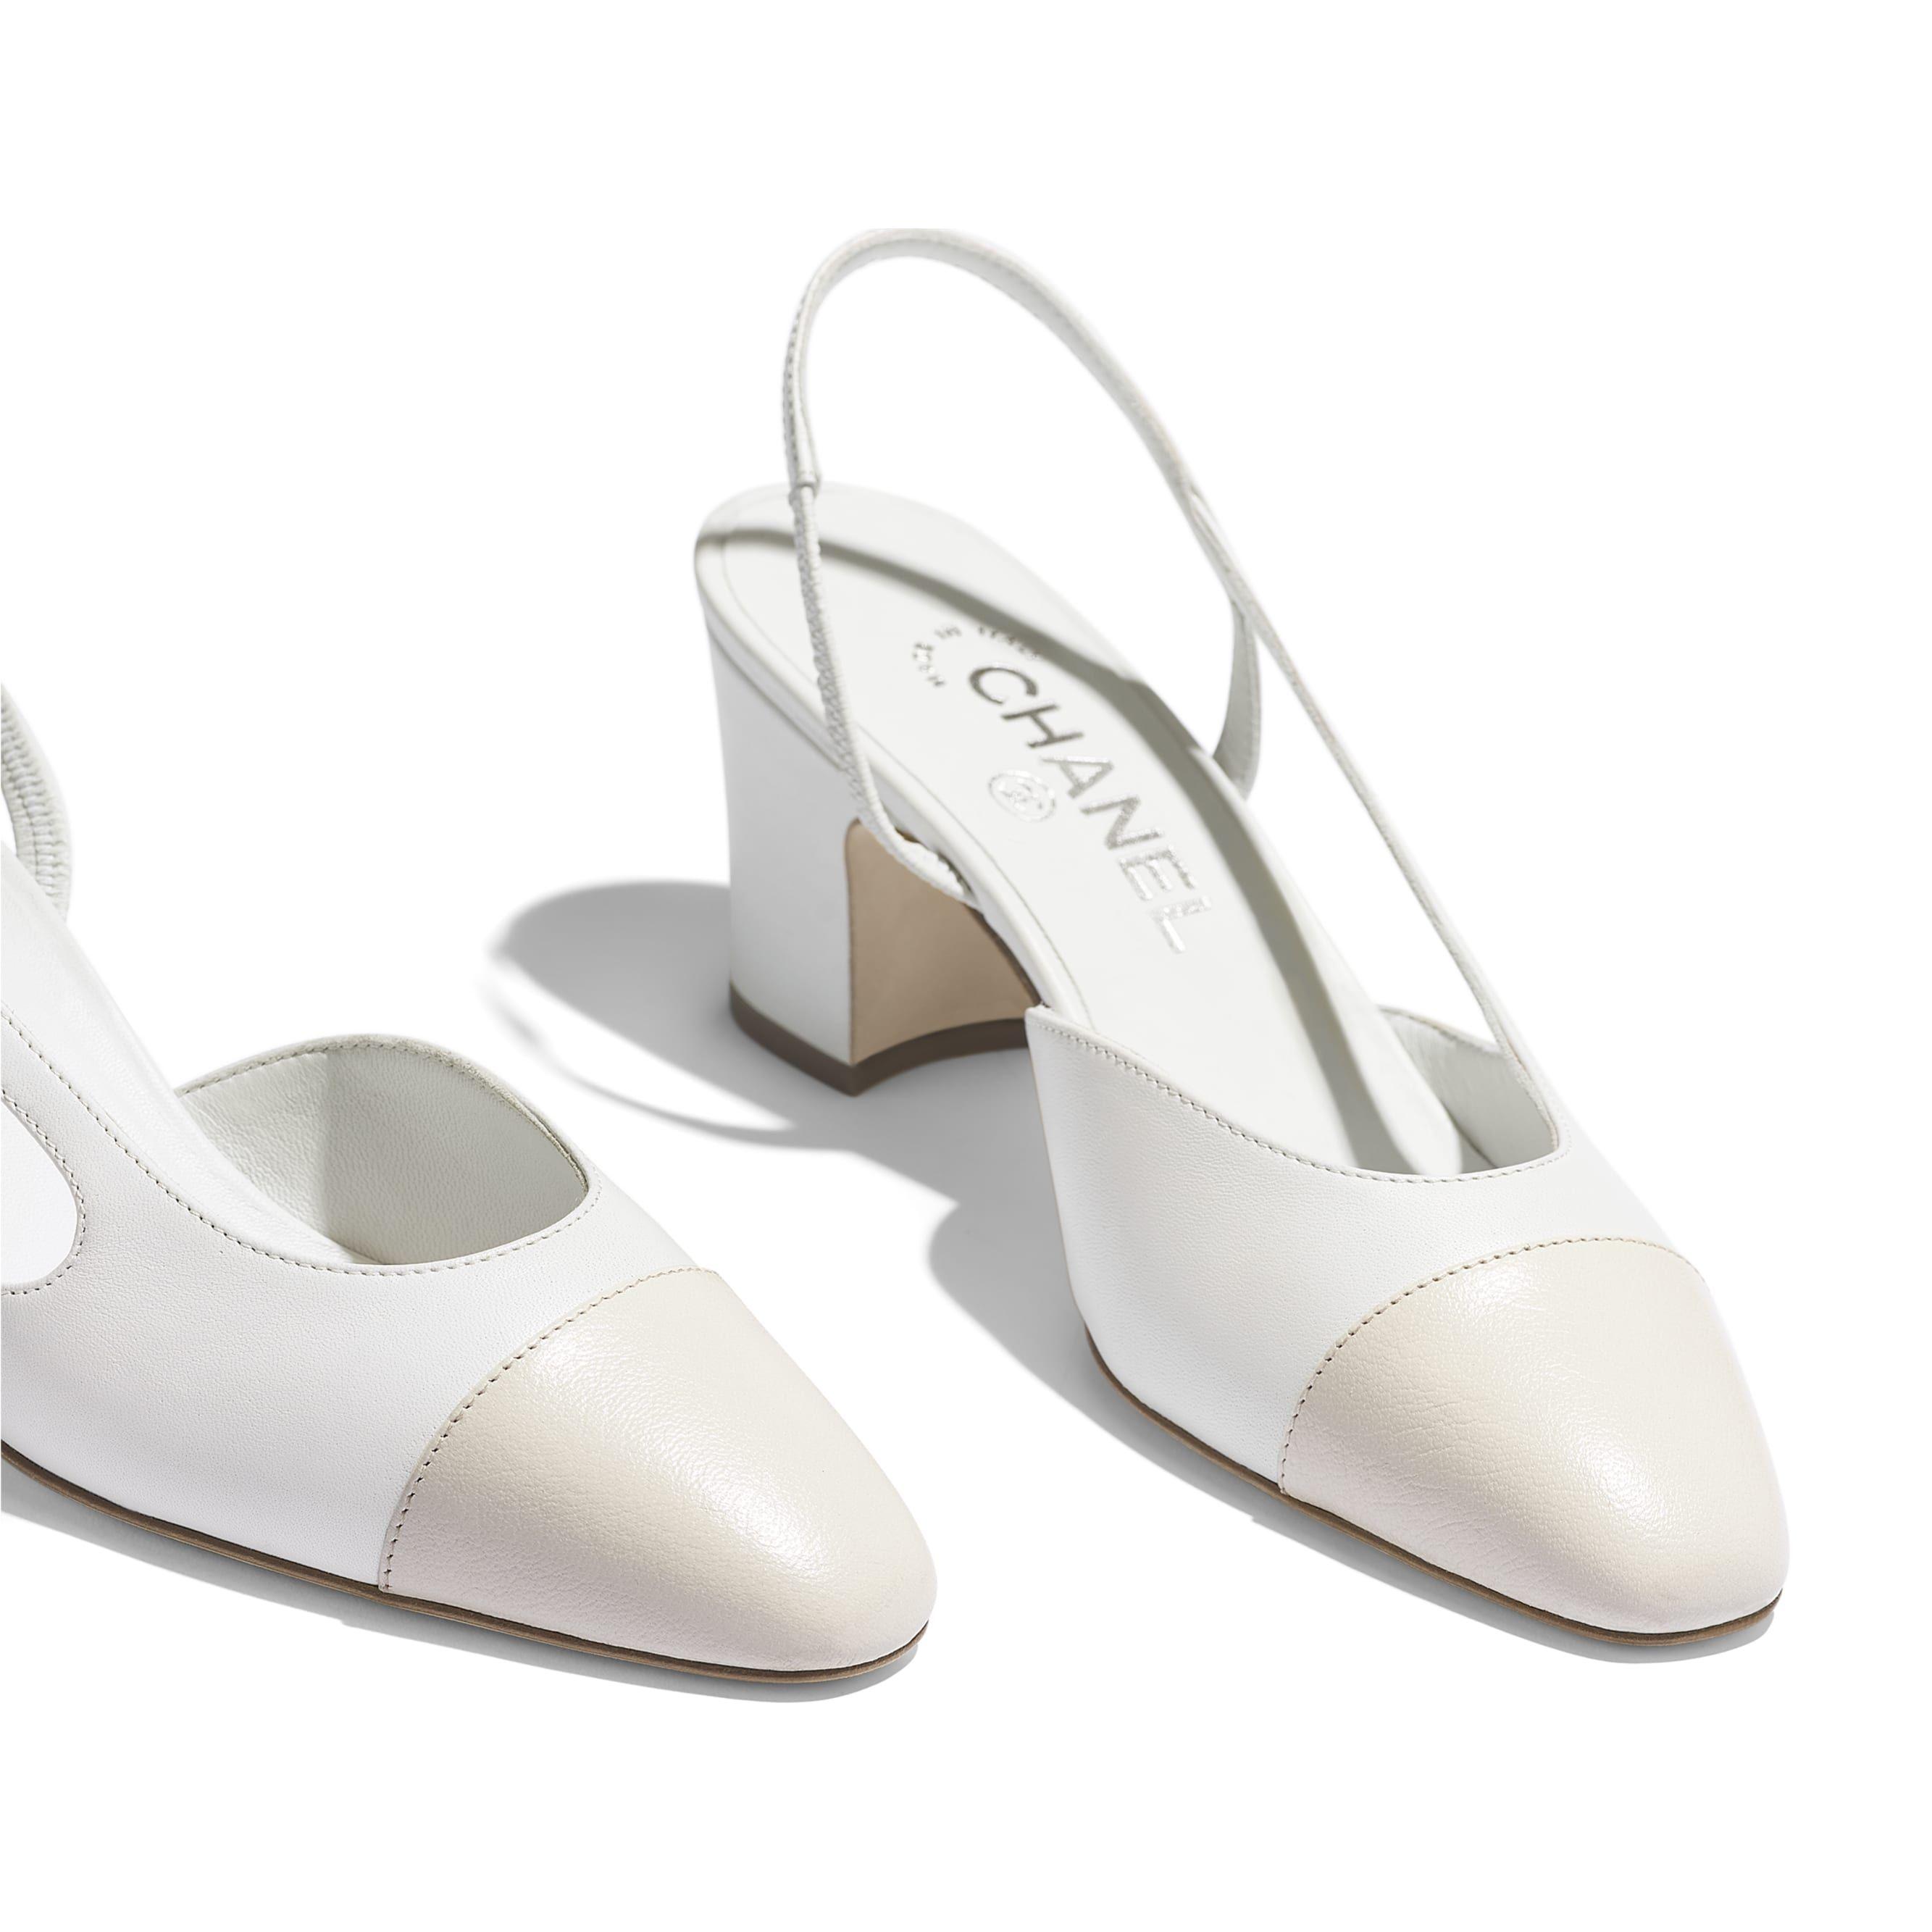 Chanel heels, Heels, High heel sandals